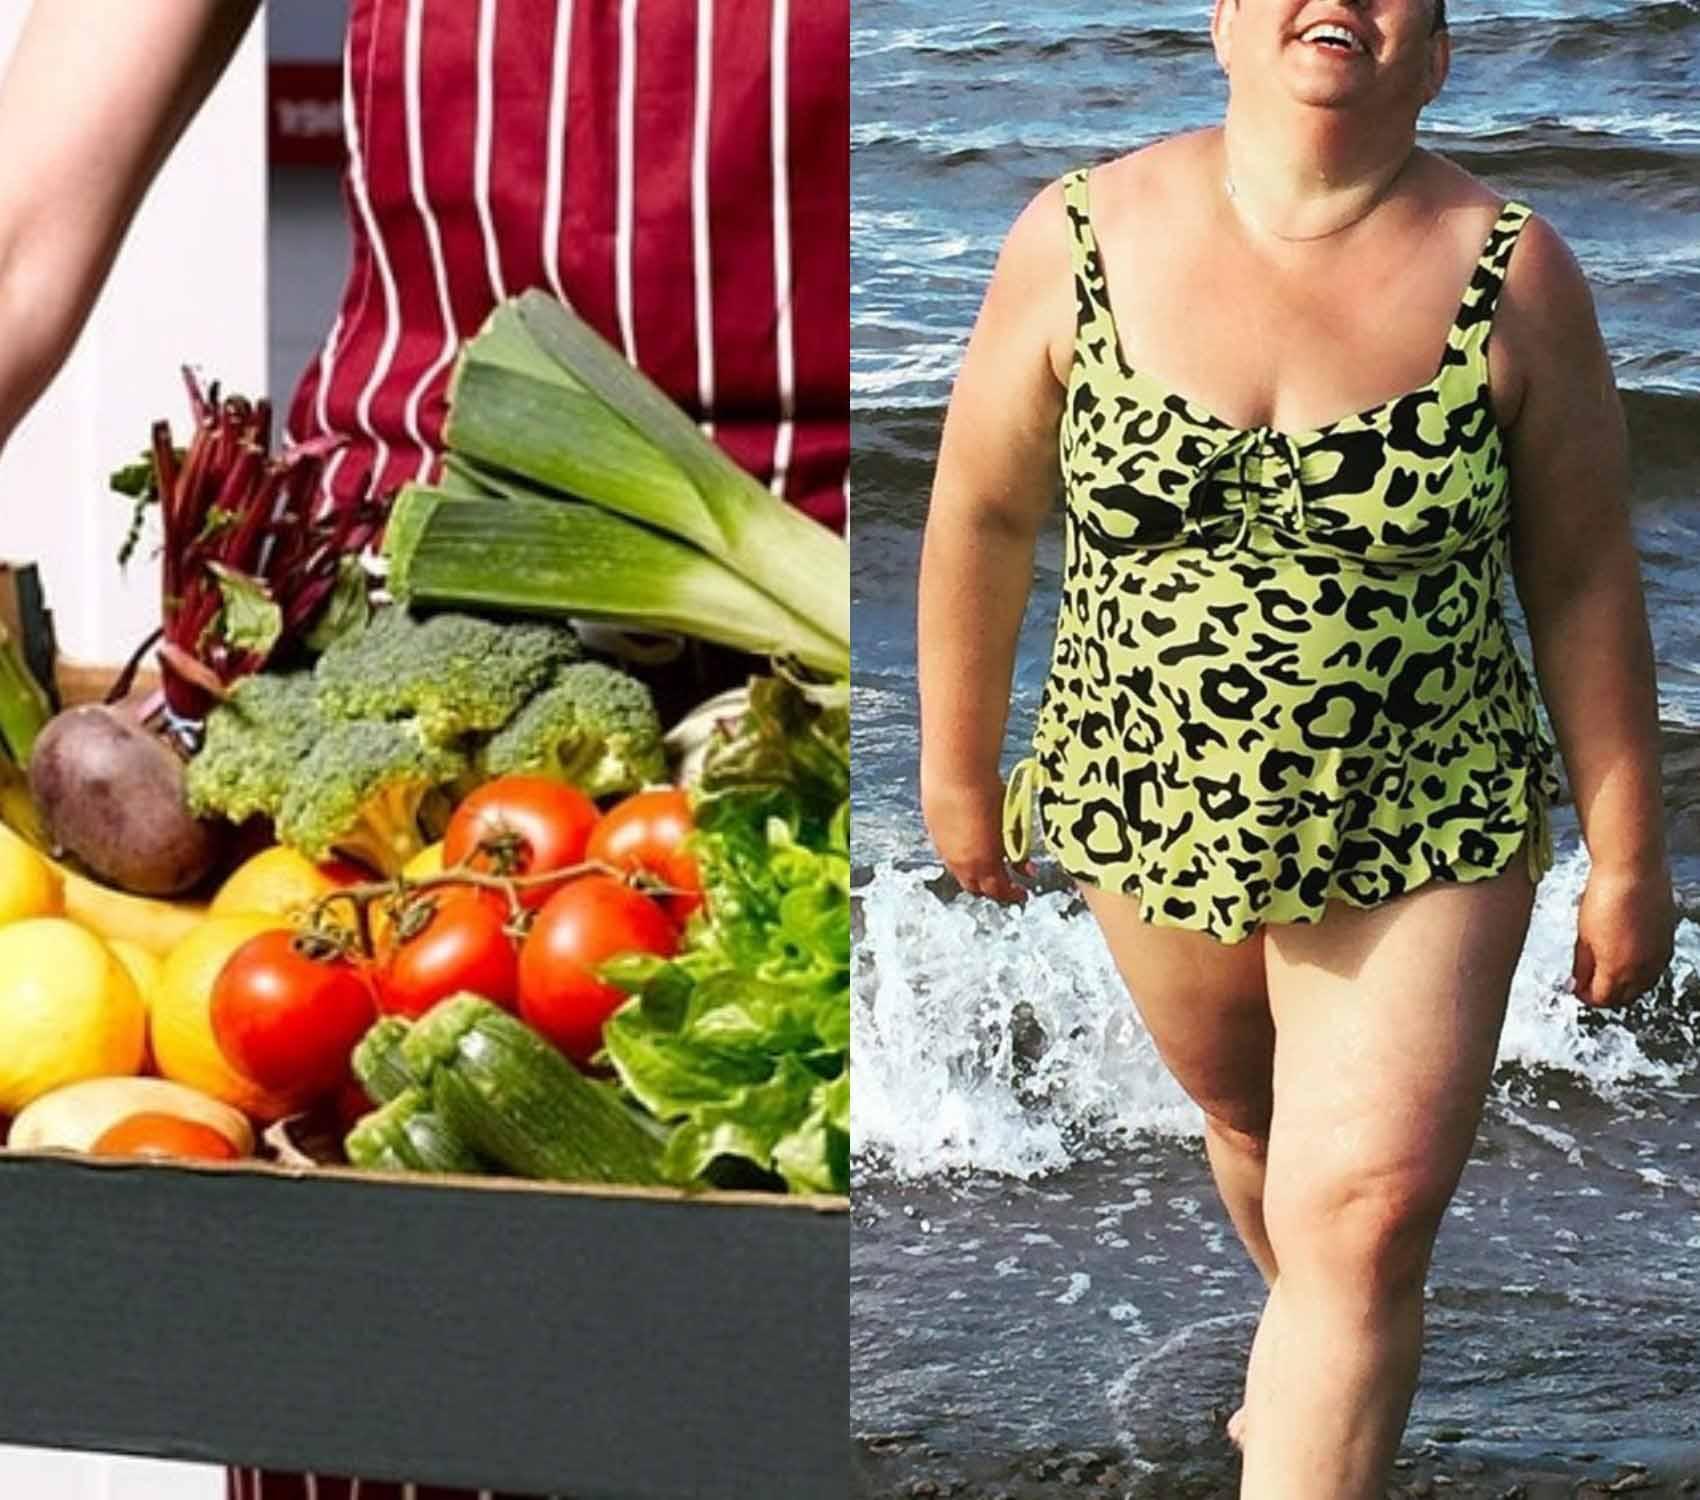 Очень Похудела На Овощах. Овощная диета для похудения: основные принципы + варианты меню на неделю